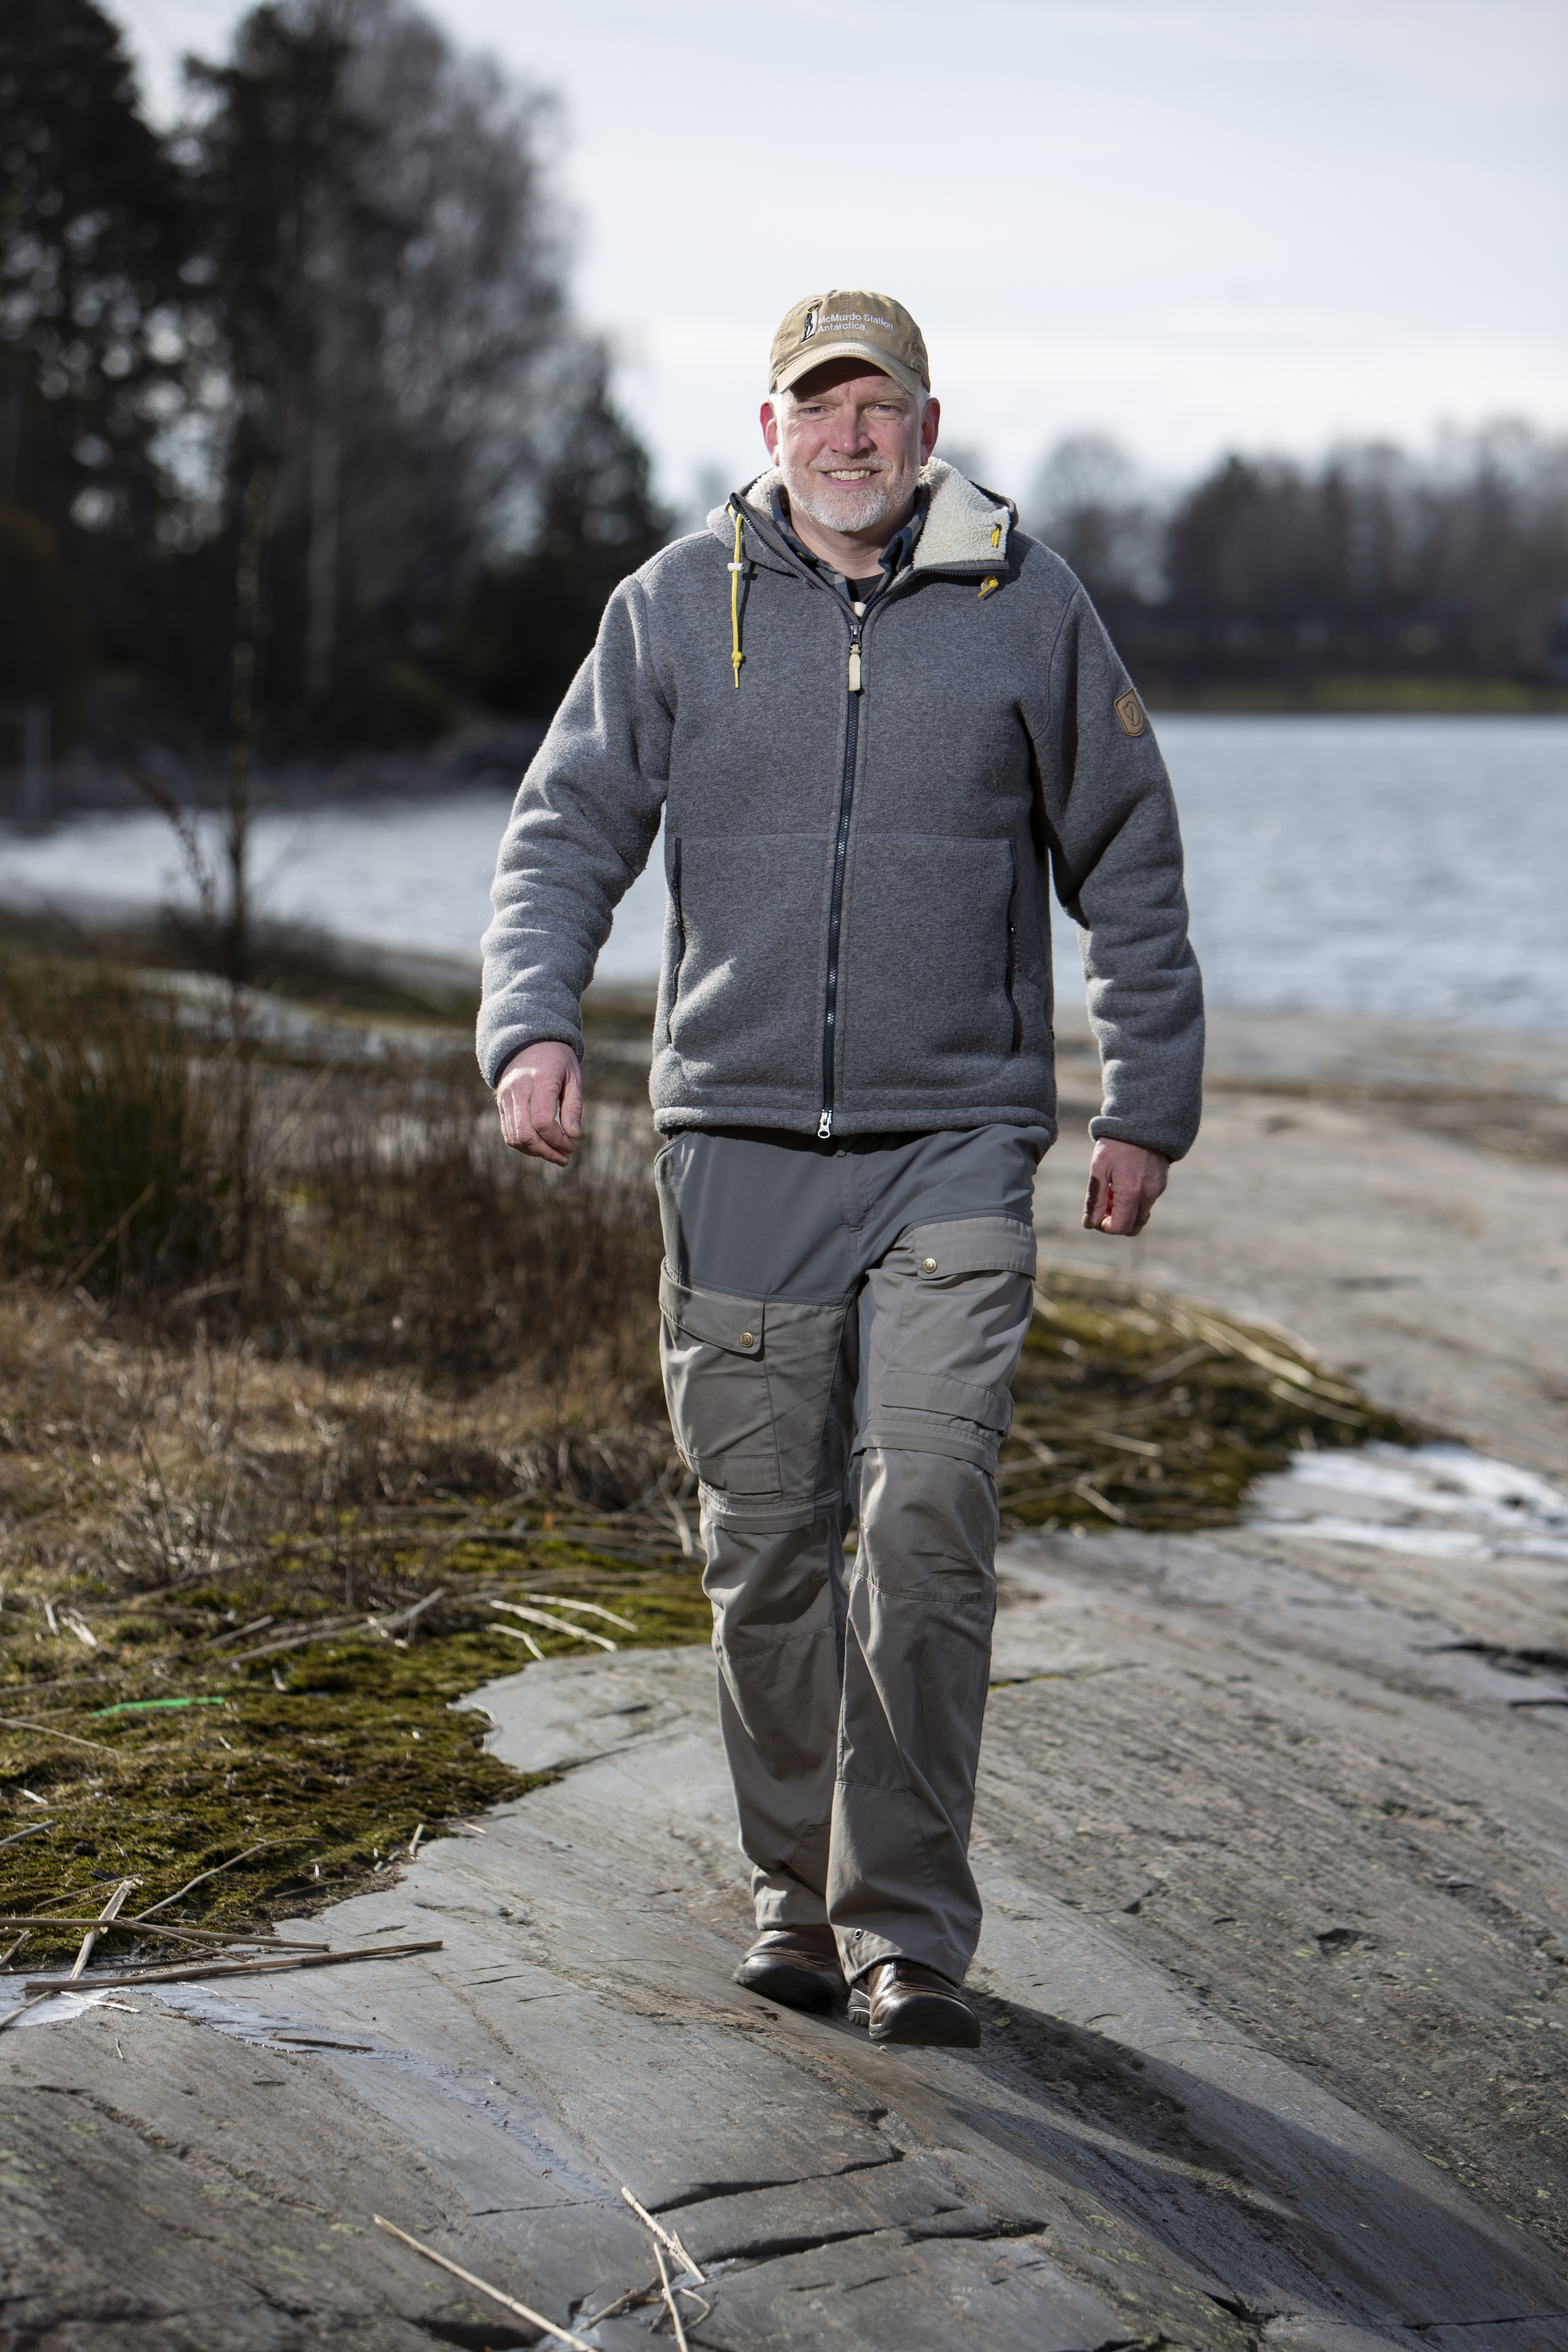 Pata harjoittelee kävelemällä tuntikausia painava reppu selässään. Retkikunnan matkoilla paino saattaa pudota jopa kymmenen kiloa. Kuva: Tommi Tuomi